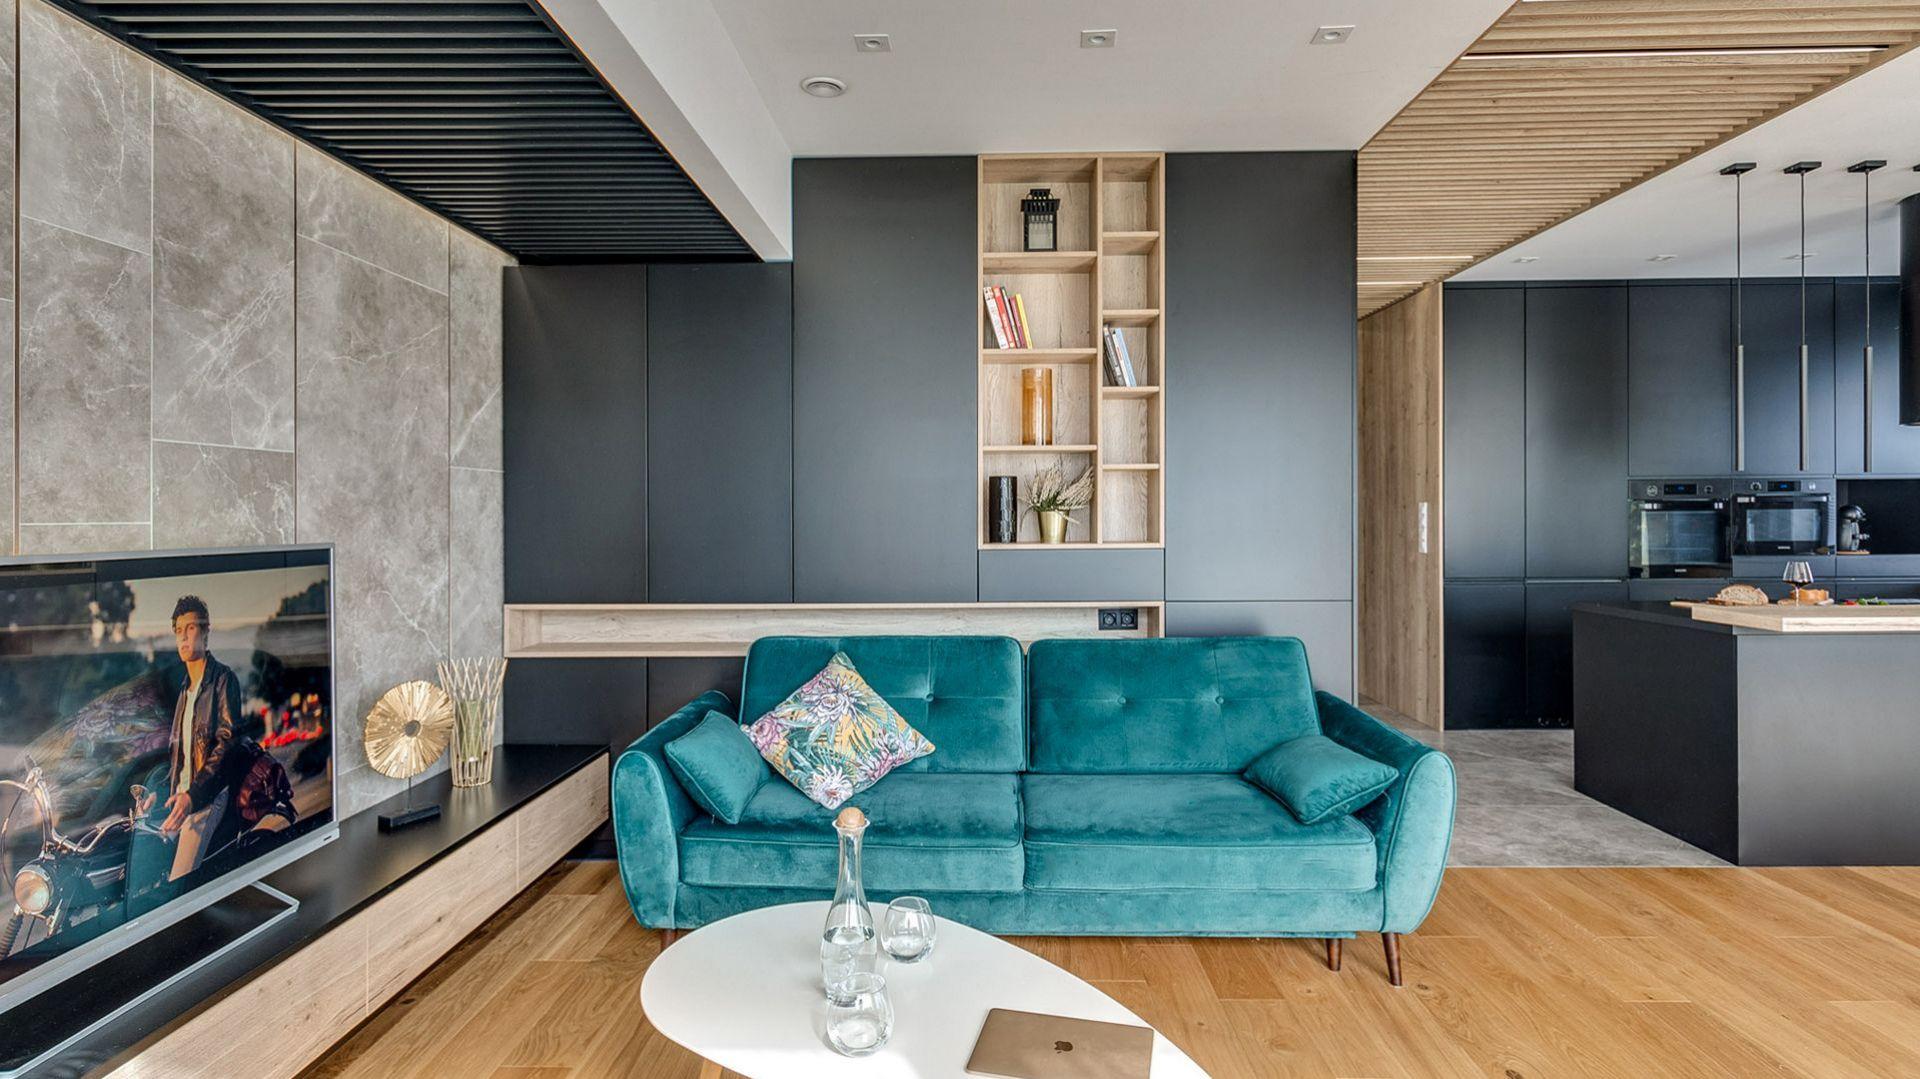 Welwetowa sofa w modnym turkusowym kolorze dodaje charakteru temu nowoczesnemu wnętrzu. Projekt: Marta Kilan, Anna Kapinos, Tomasz Słomka. Fot. Radosław Sobik